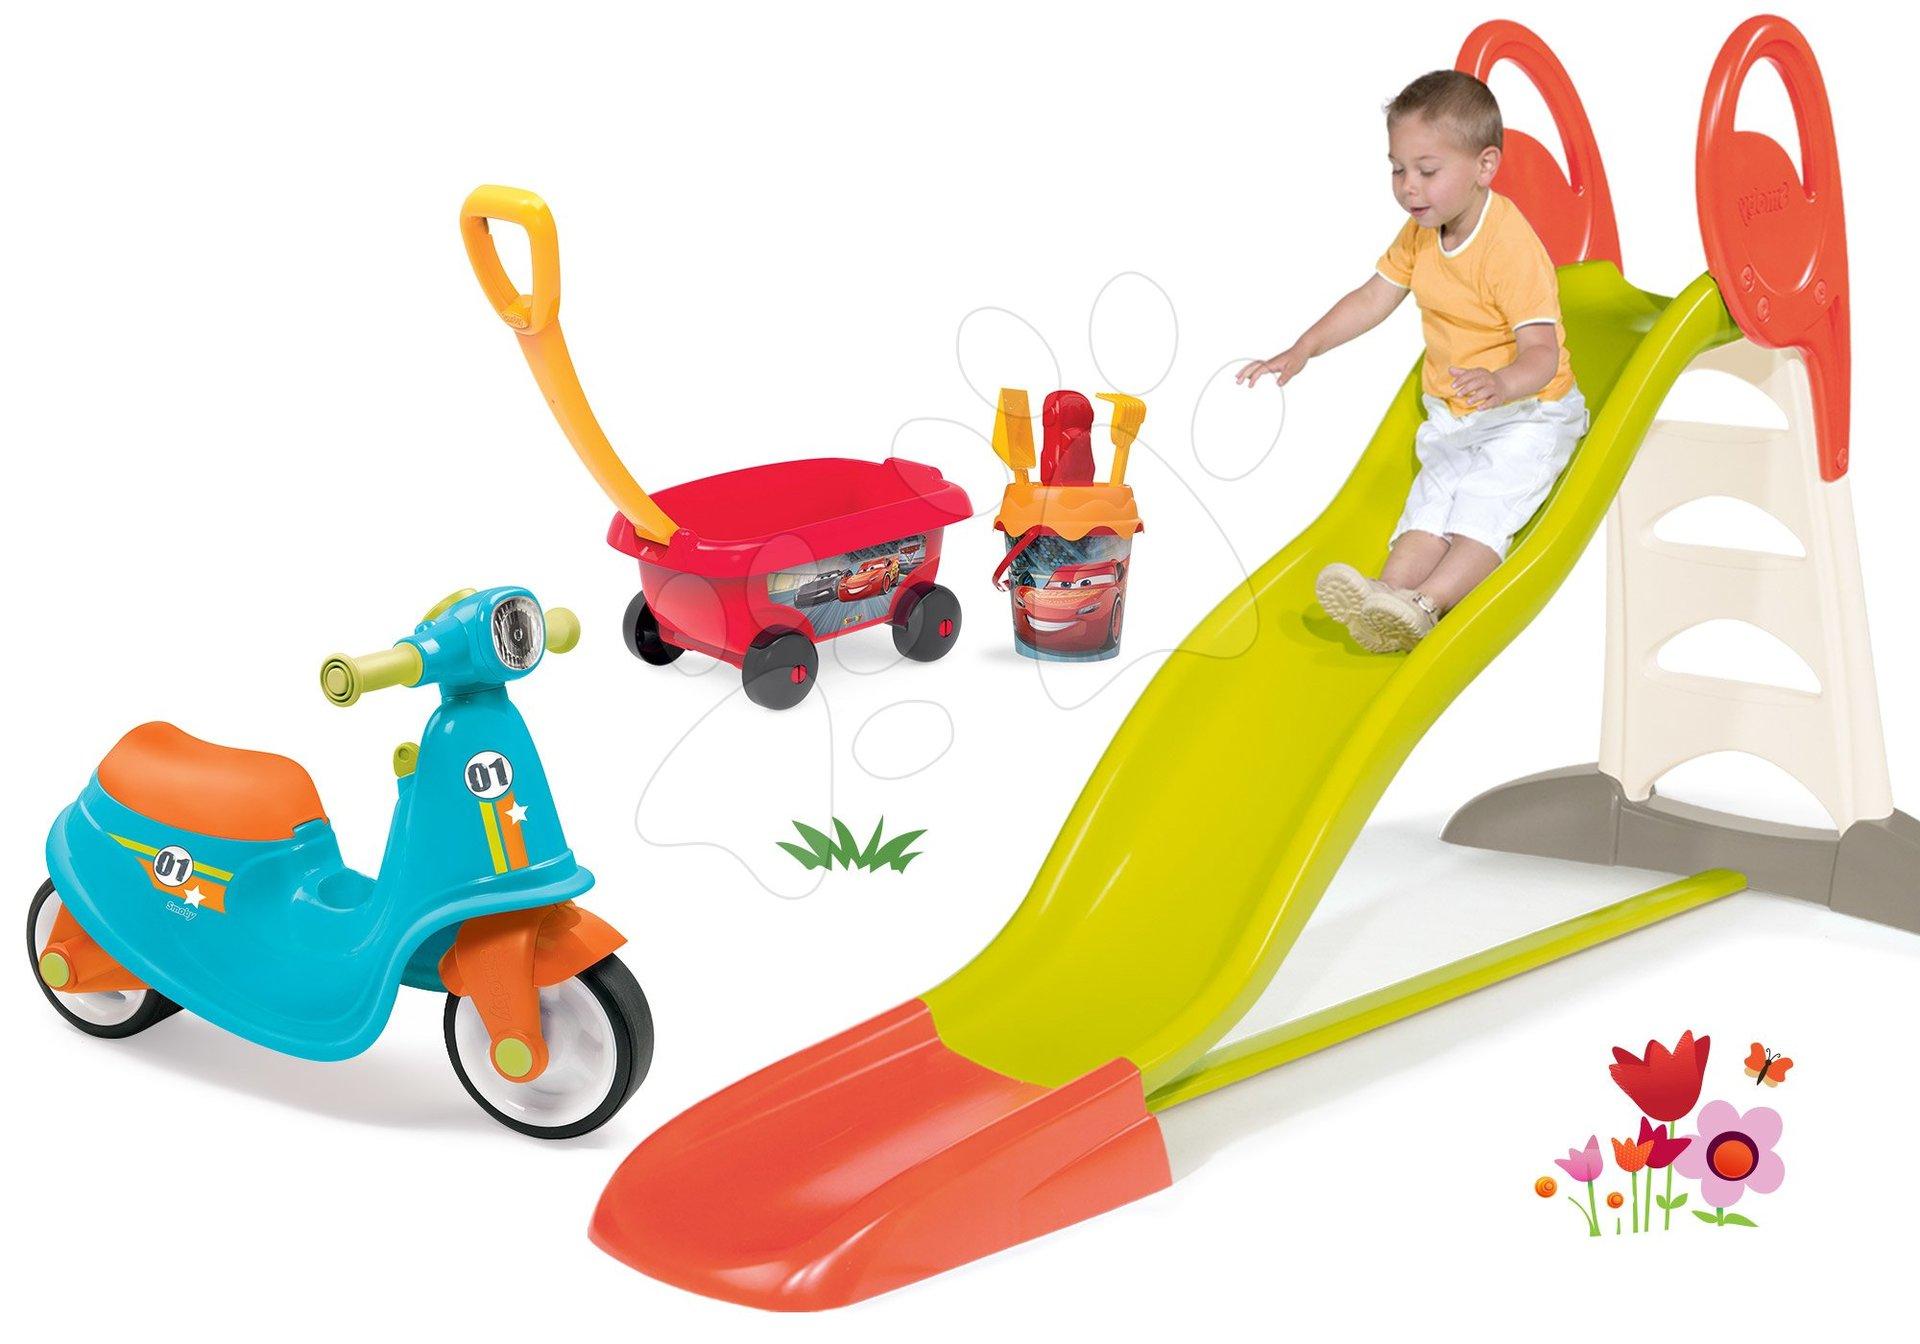 Set skluzavka Toboggan XL s vodou Smoby a odrážedlo Scooter s gumovými kolečky a vozíkem